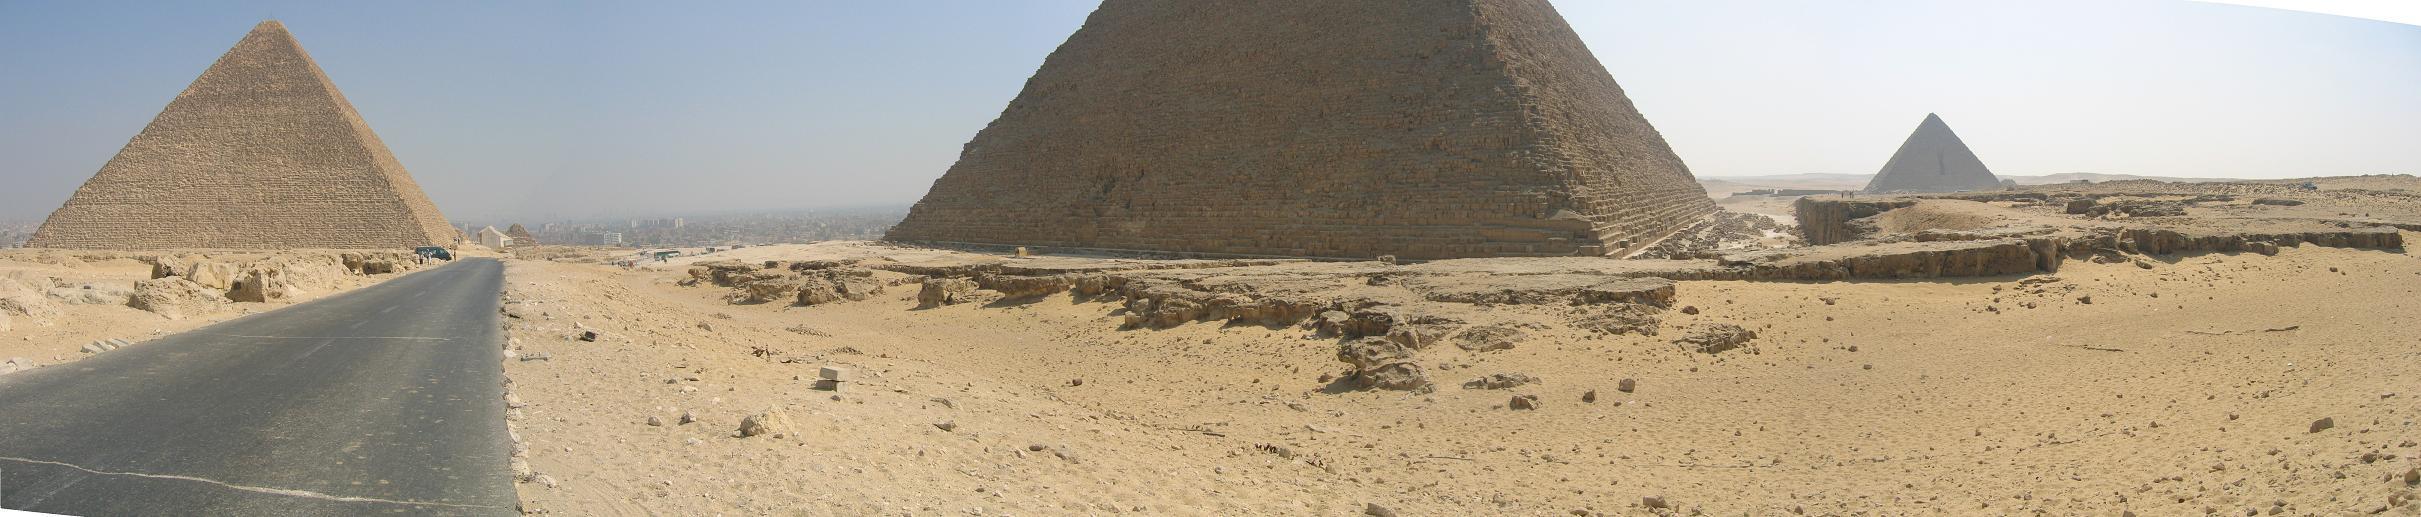 Egypt_pyramids2